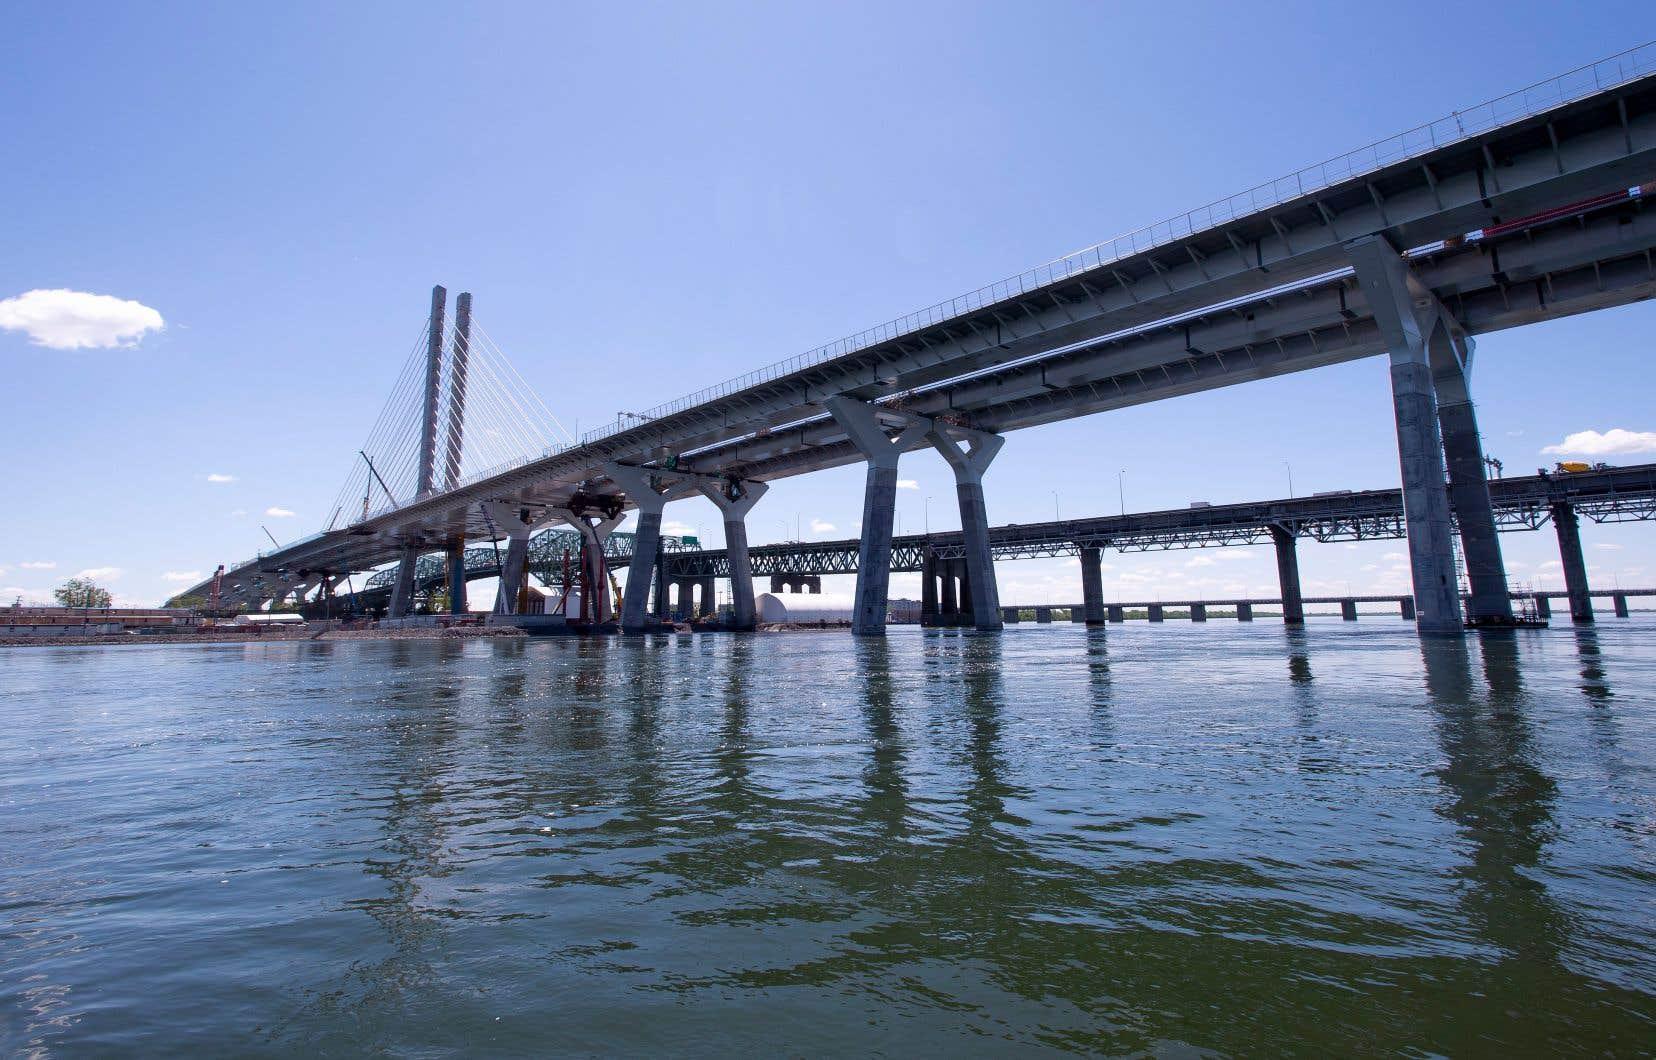 Du fleuve, on aperçoit le ciel qui s'immisce entre les trois corridors du pont, séparés les uns des autres par quelques mètres de vide.